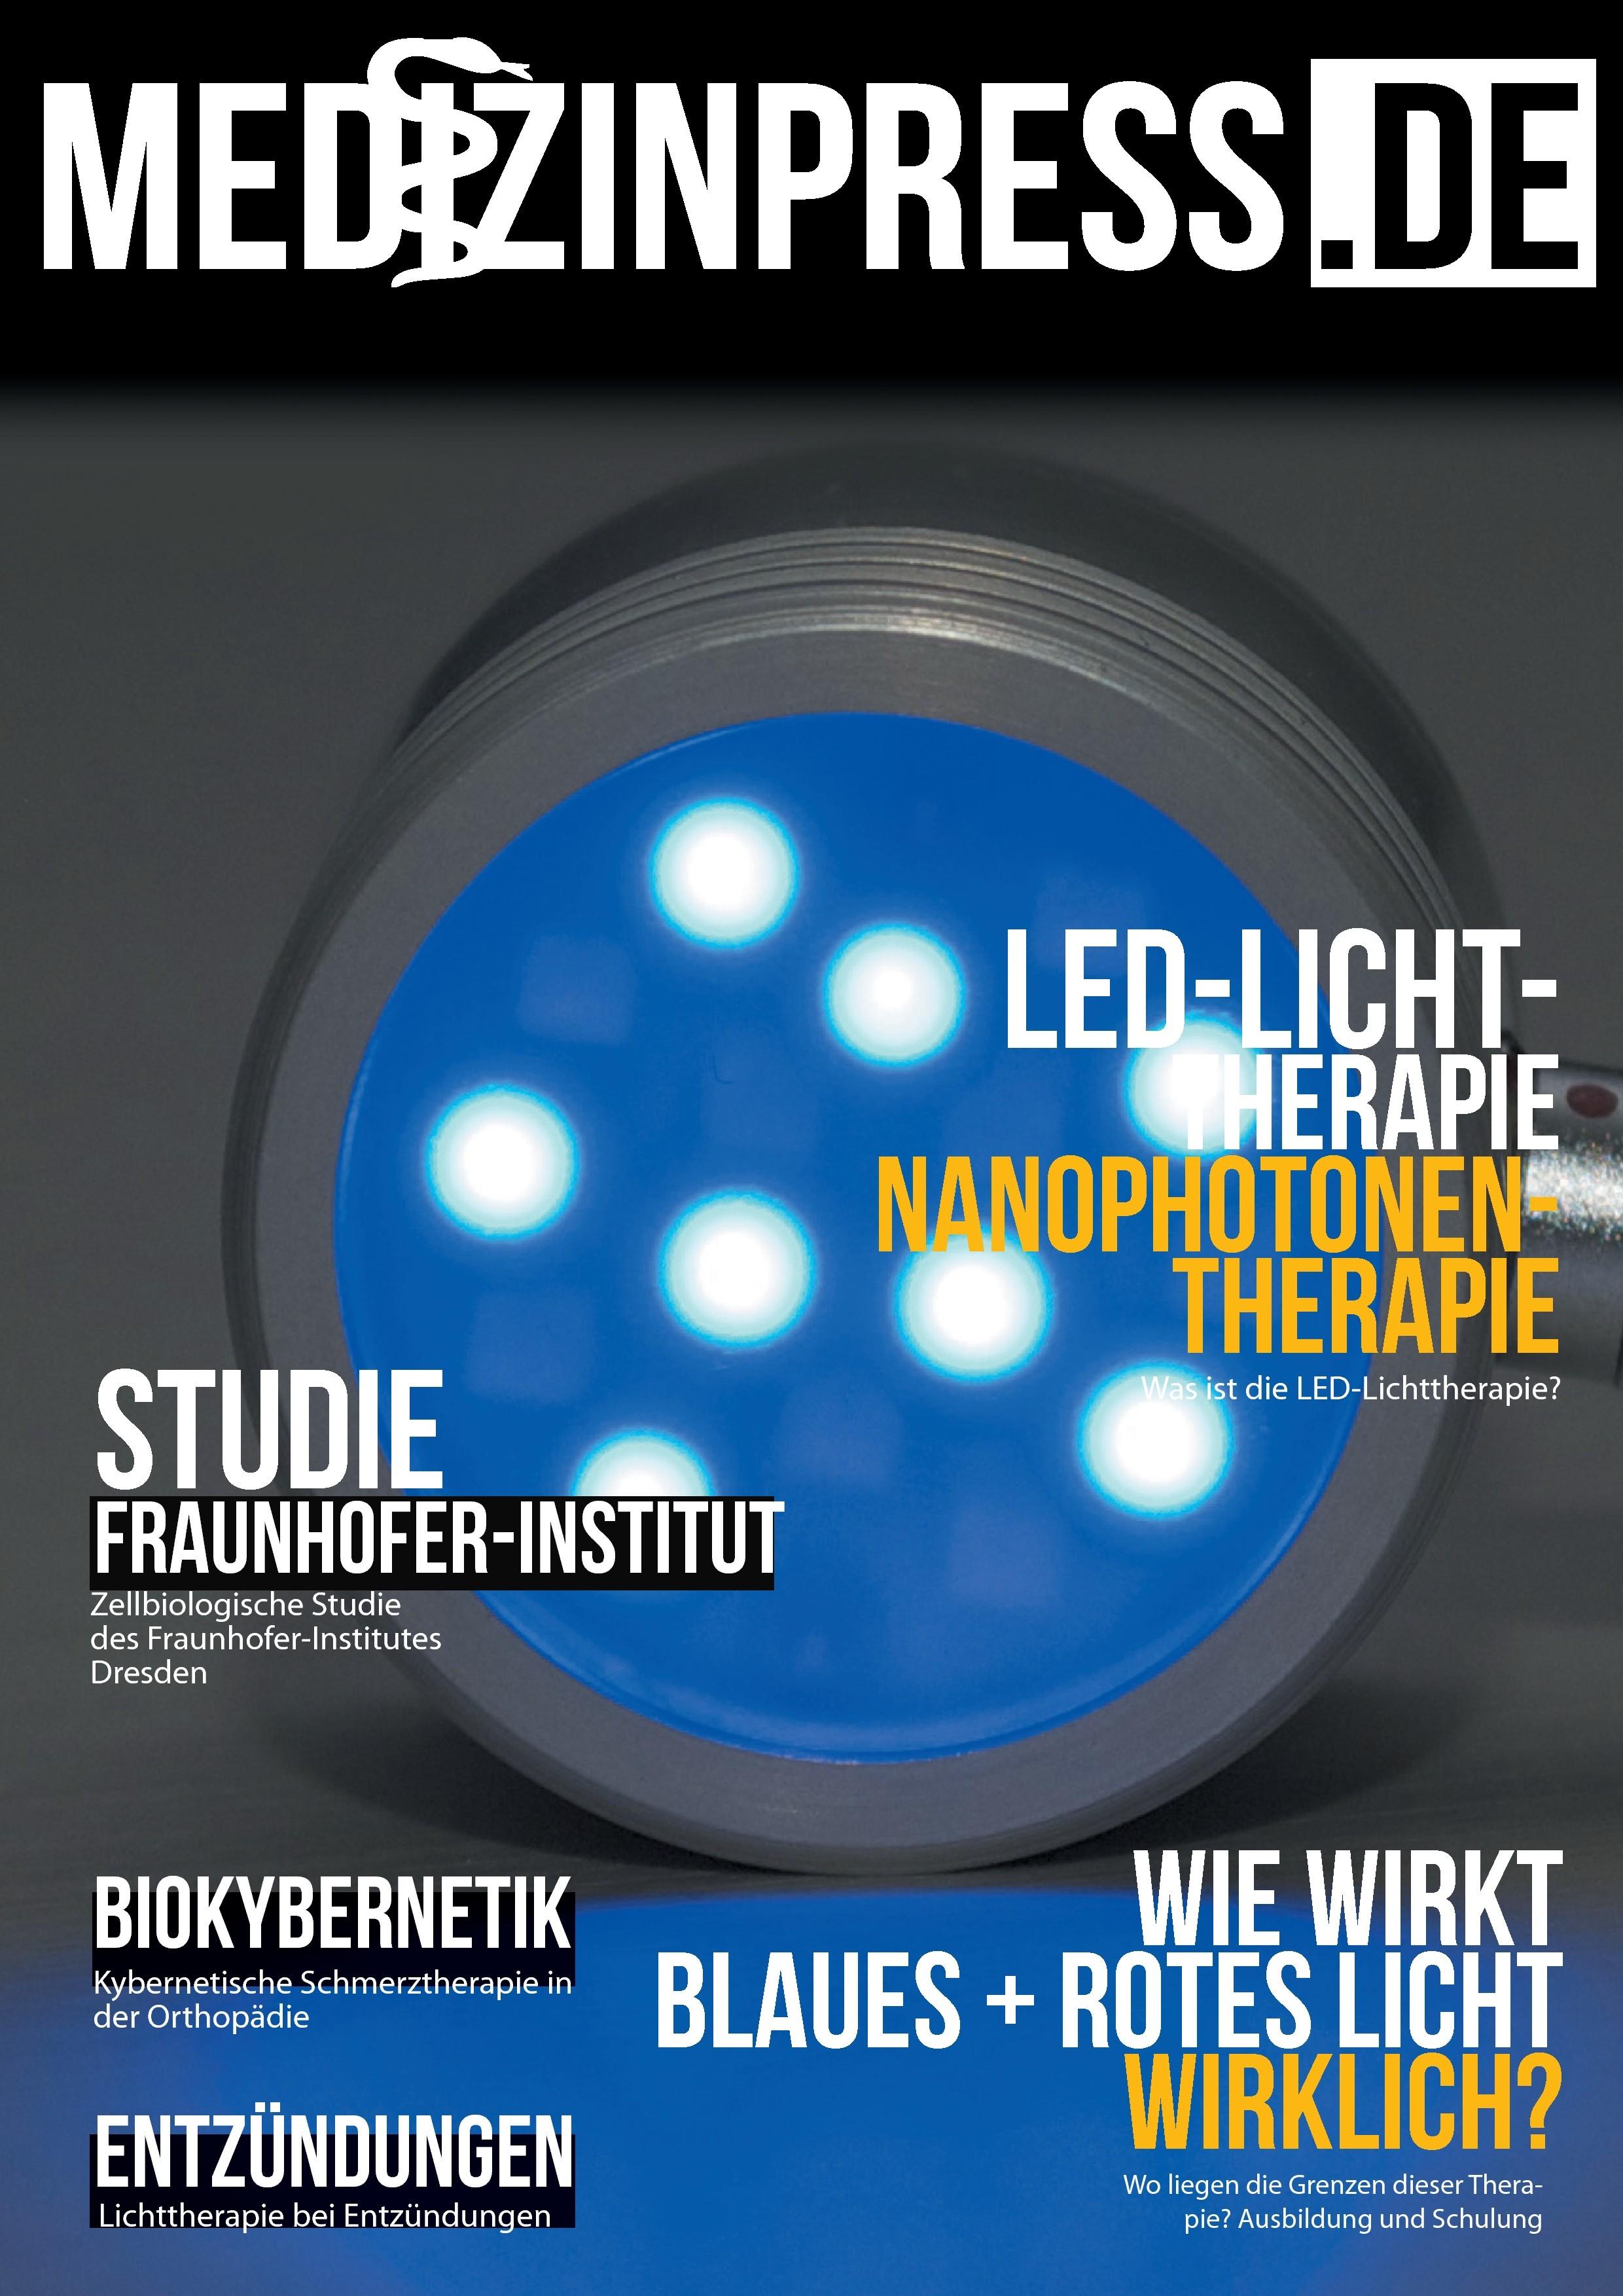 Led Lichttherapie